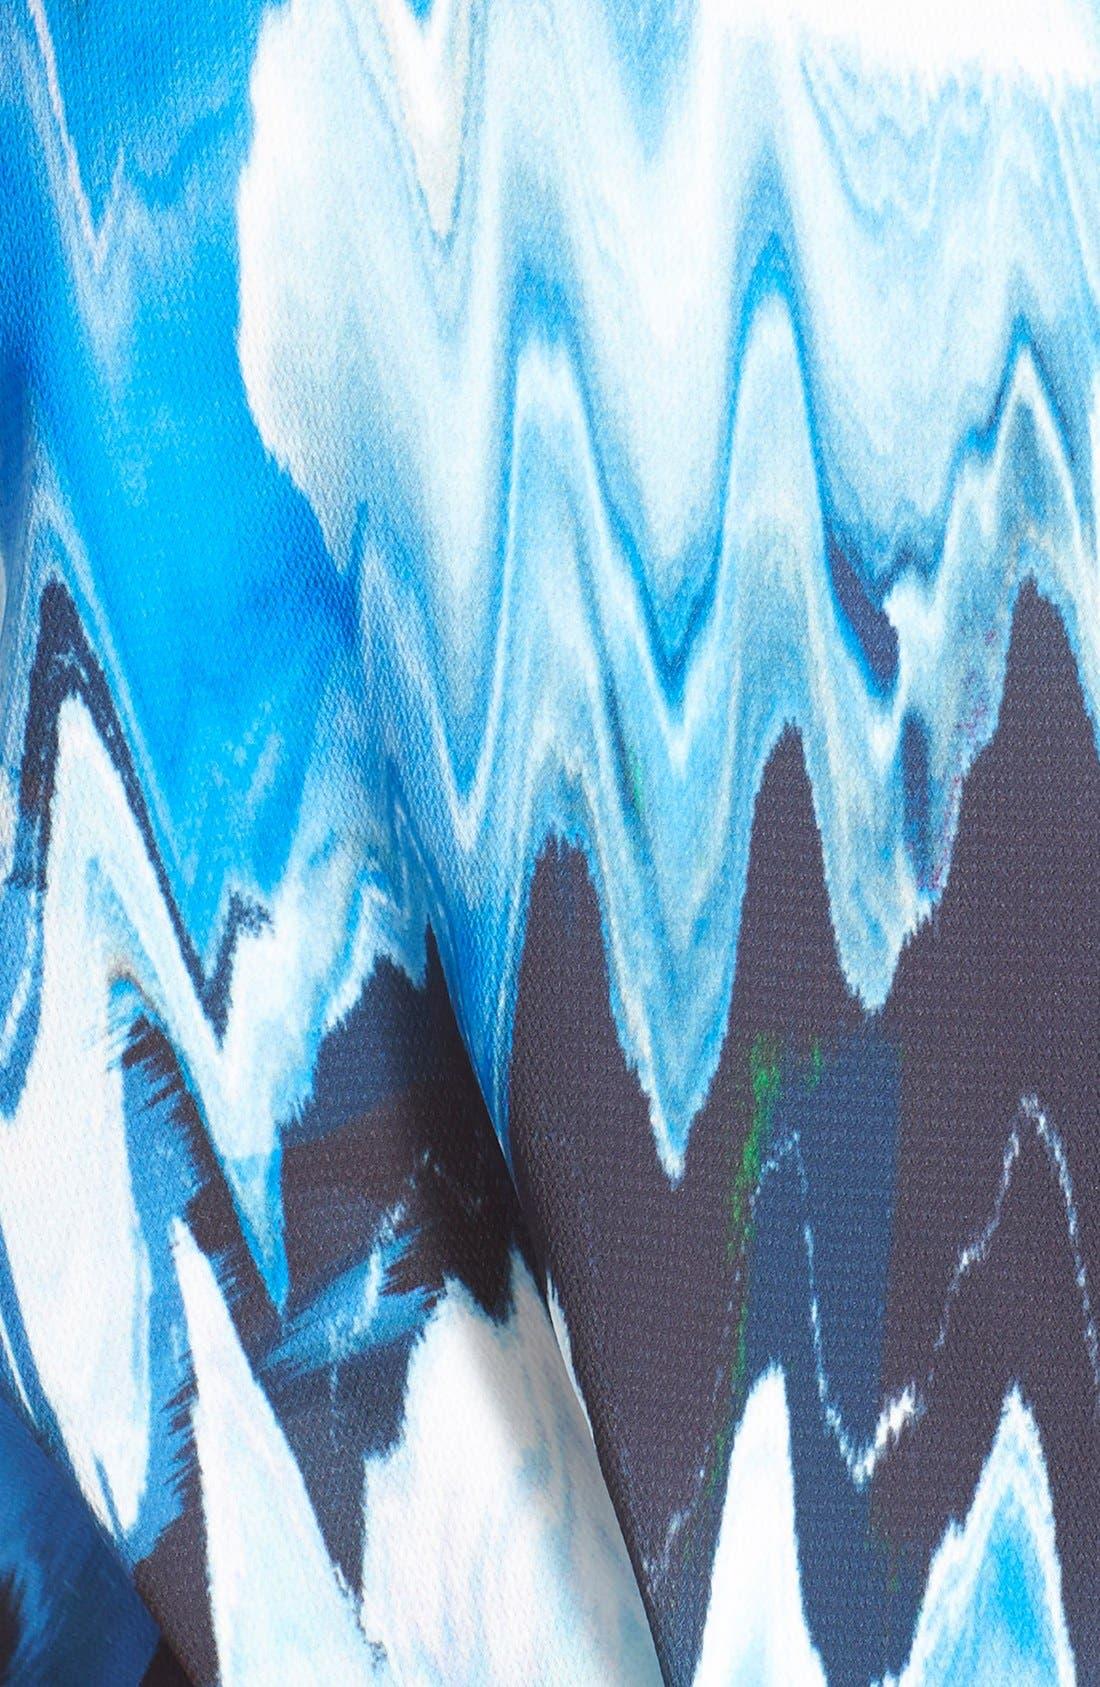 Print Faux Wrap Dress,                             Alternate thumbnail 10, color,                             BLUE WATERCOLOR FLORAL PRINT